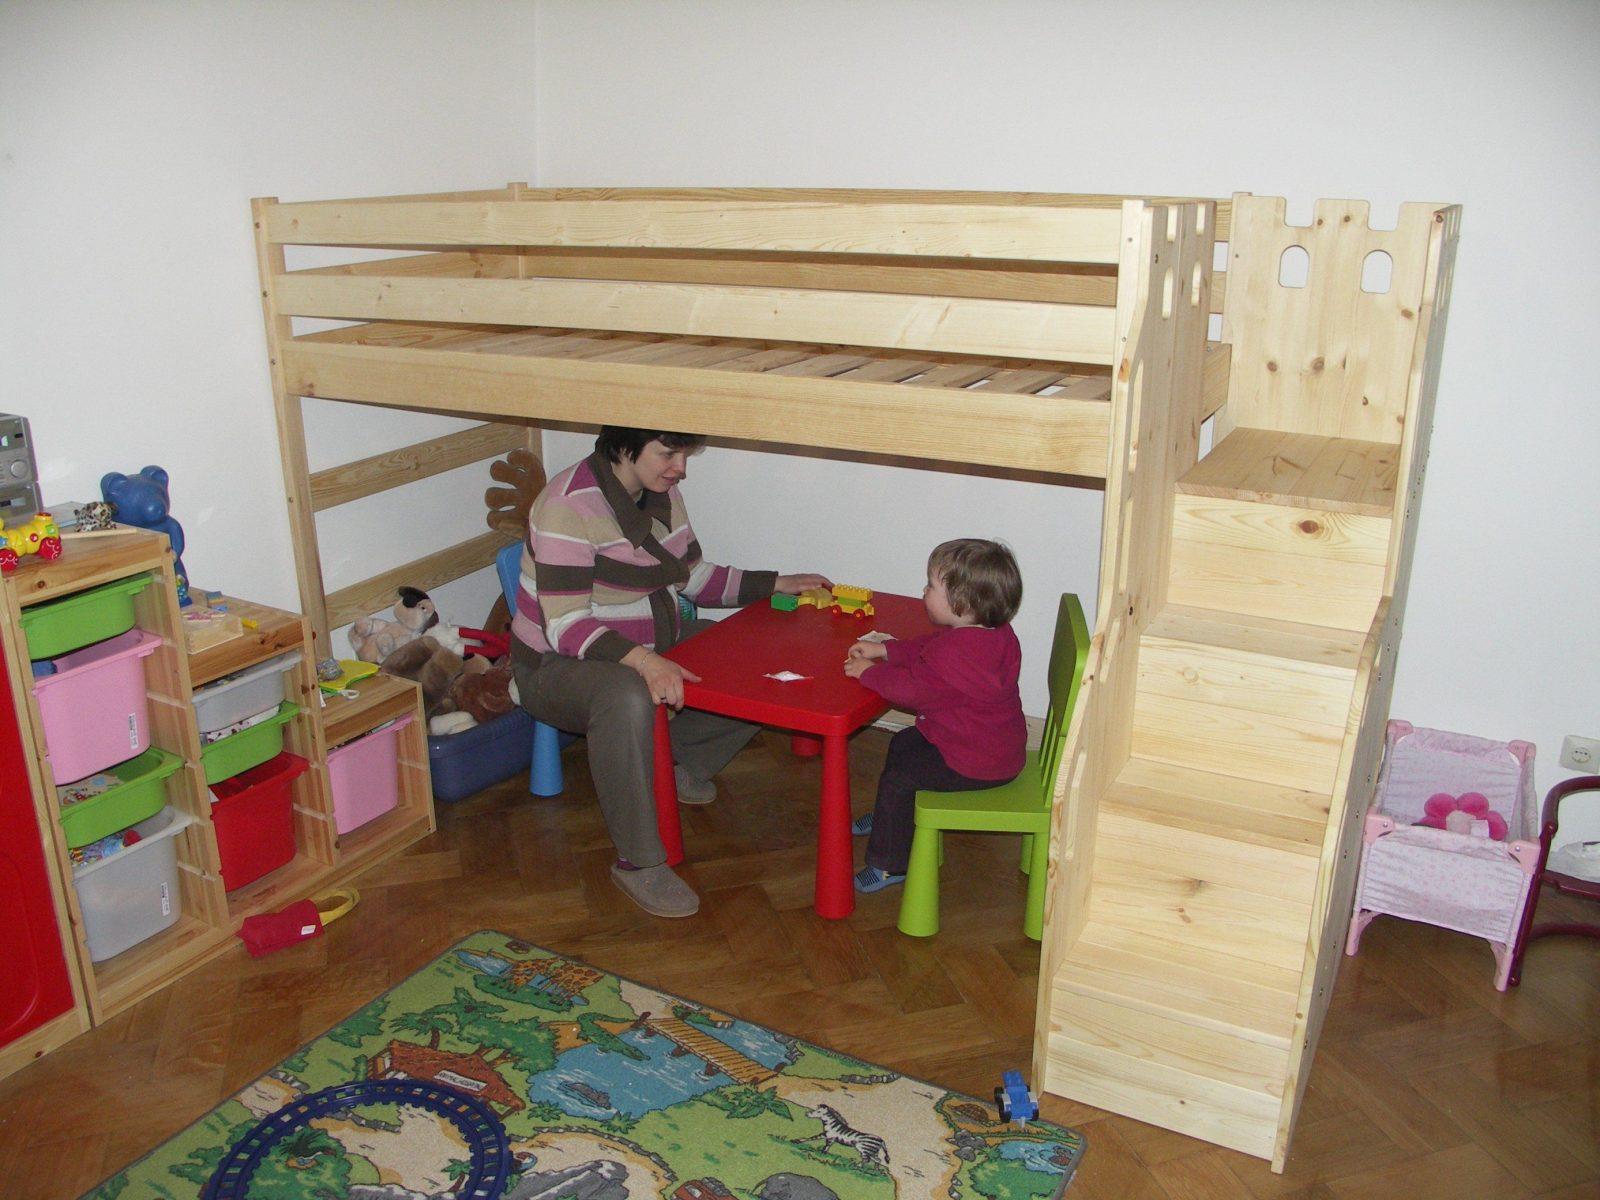 Hochglanz Etagenbett Spielbett Alex Mit Regalen Treppe Und Bettkasten : Hochglanz etagenbett doppelbett alex: 3 personen u2013